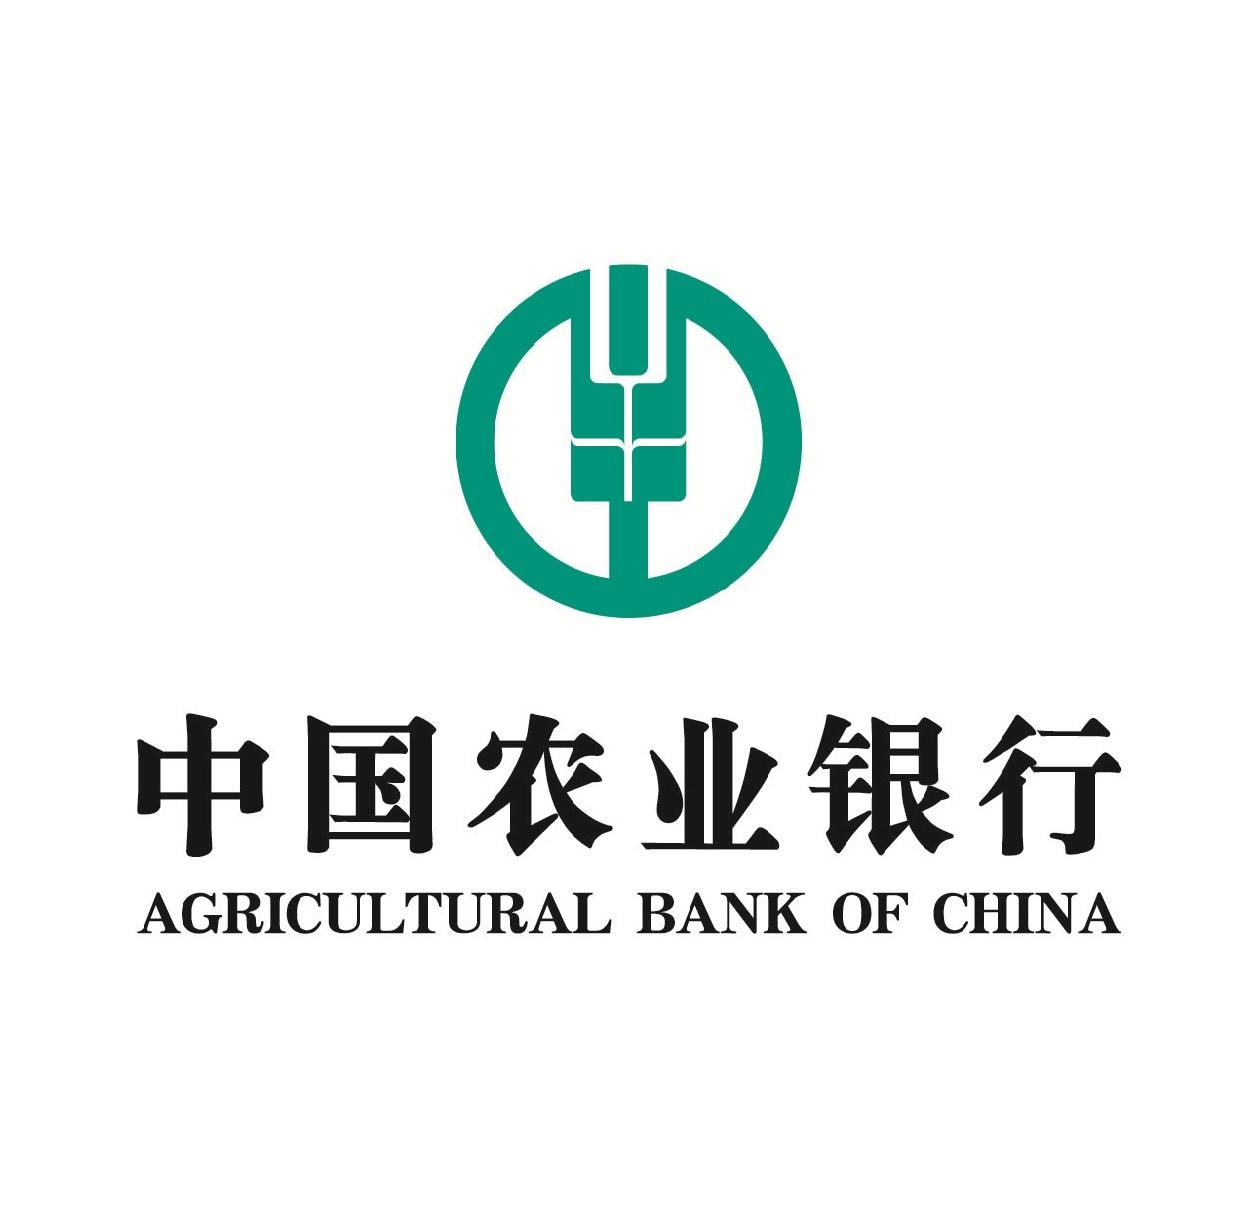 农行哪种�y�*9chy�9io_中国农业银行网上|中国农信银行官网购物